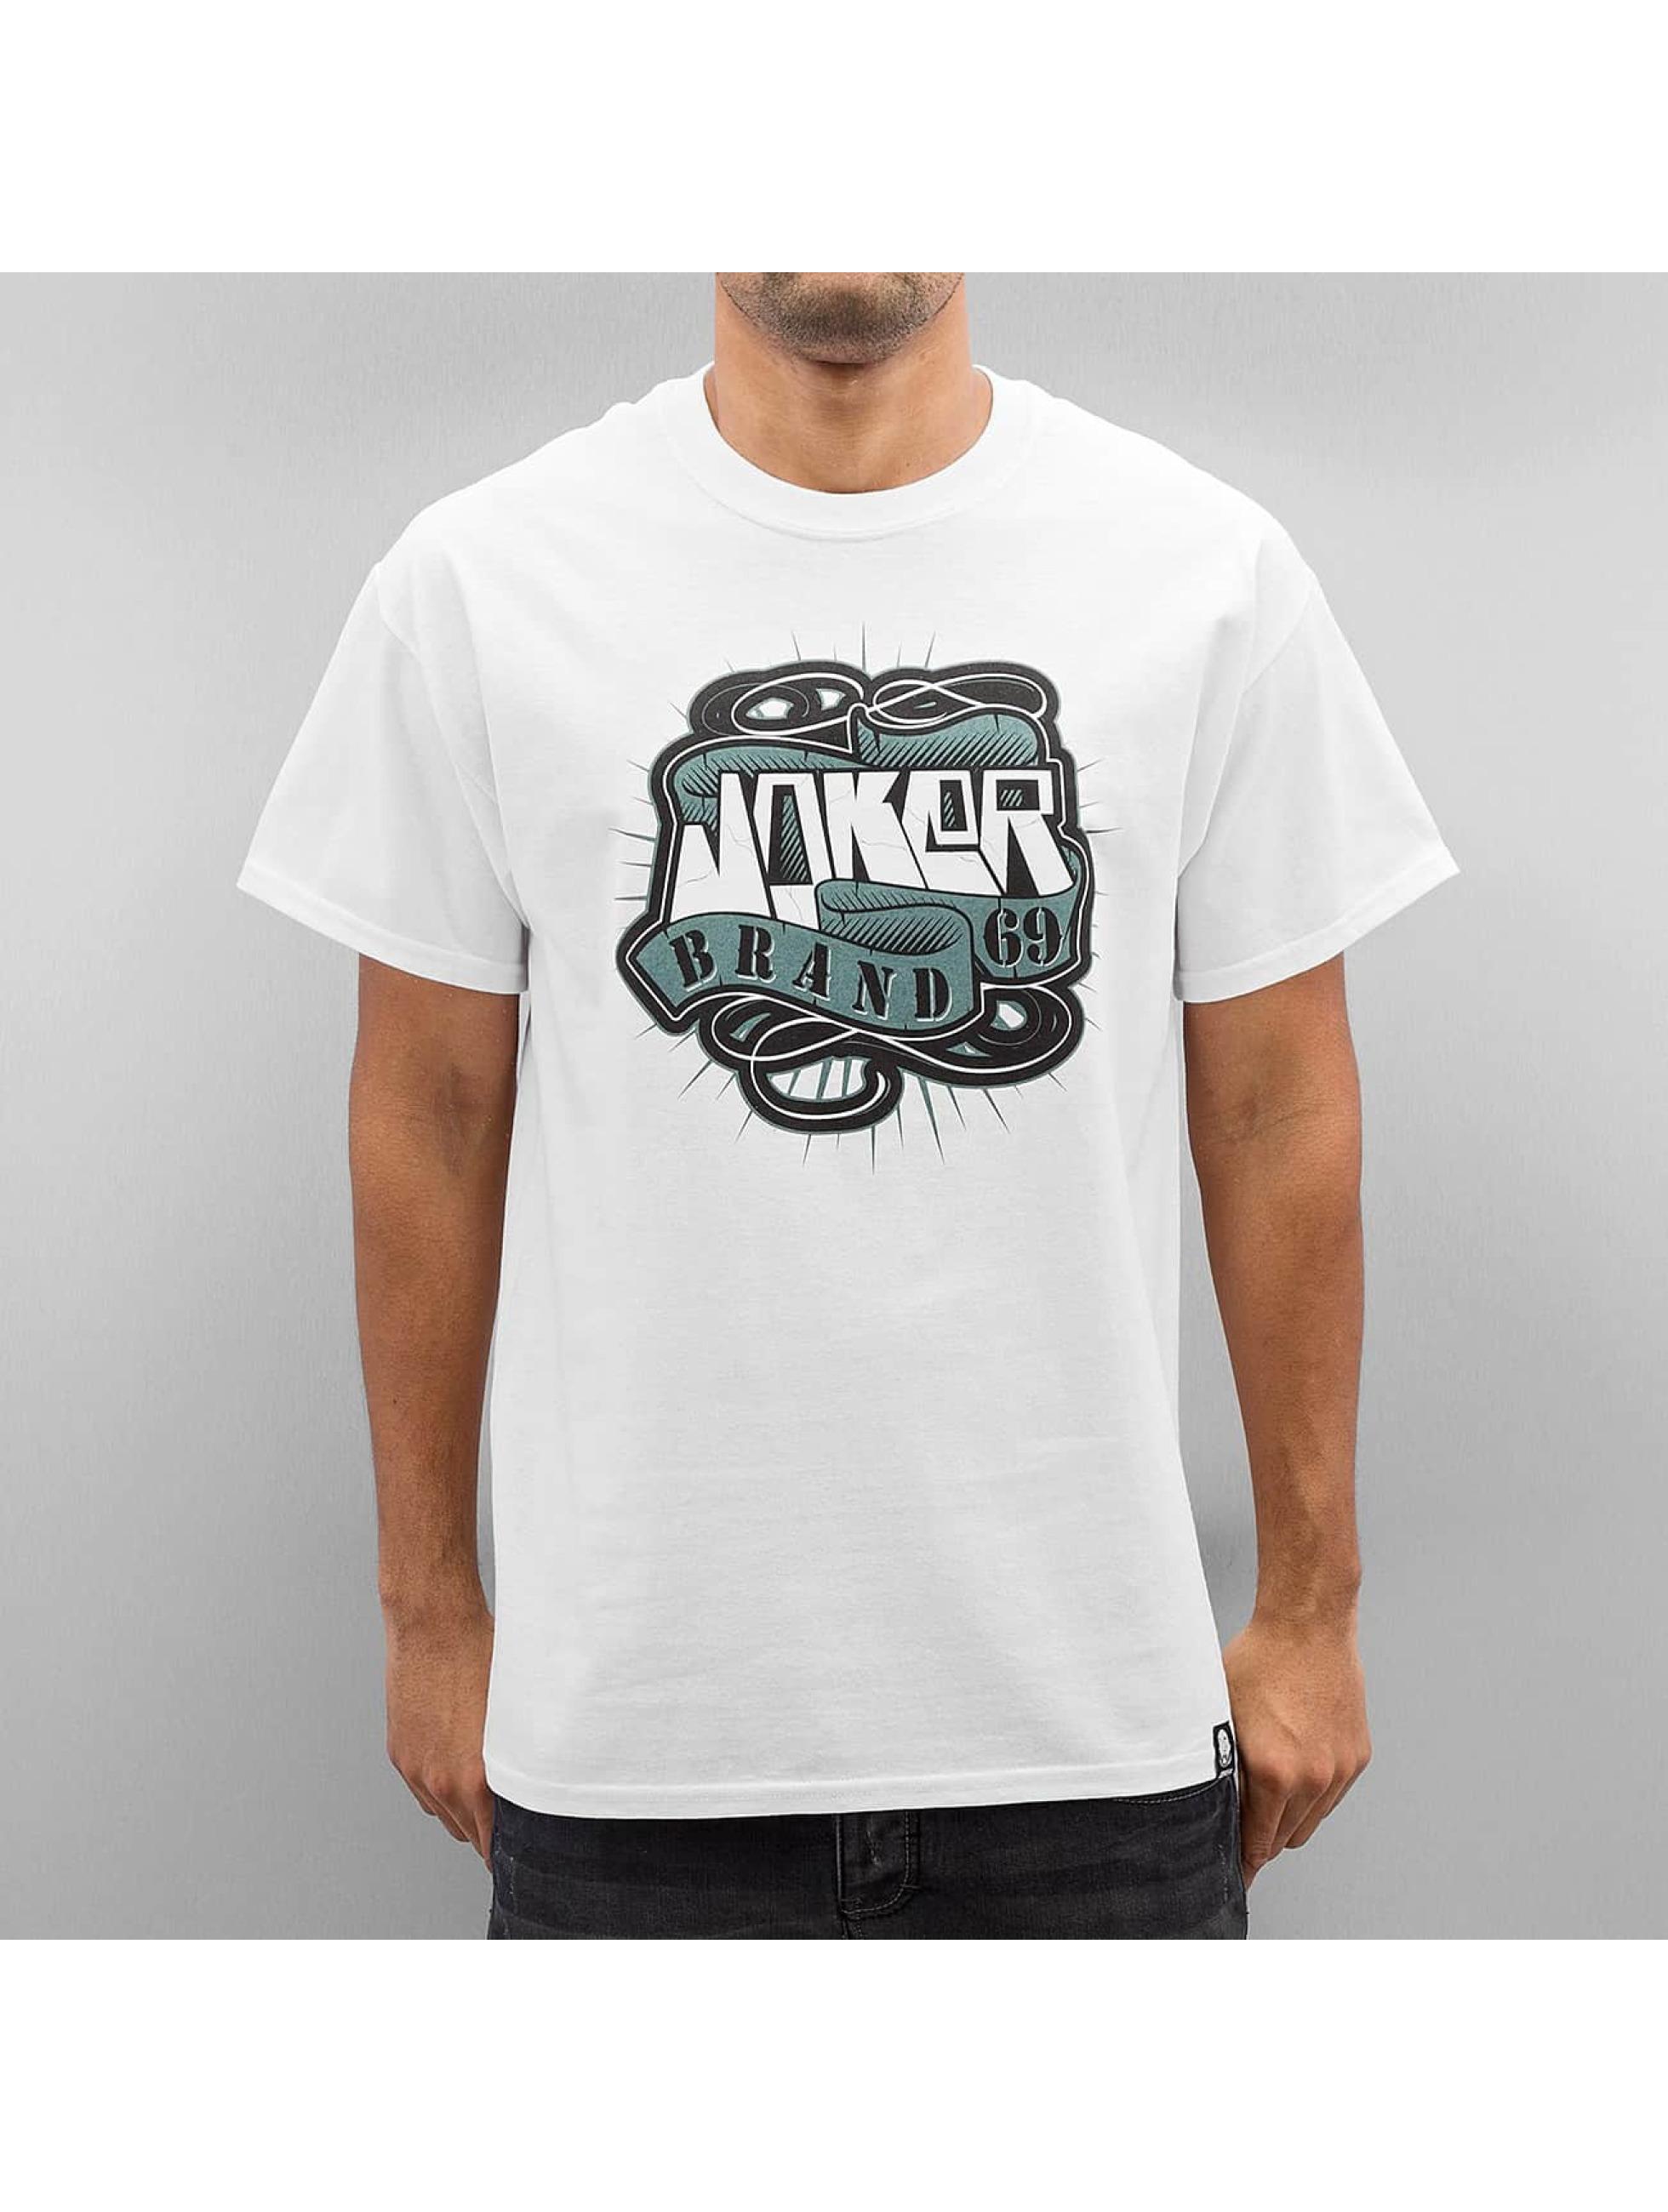 Joker Männer T-Shirt 69 Brand in weiß